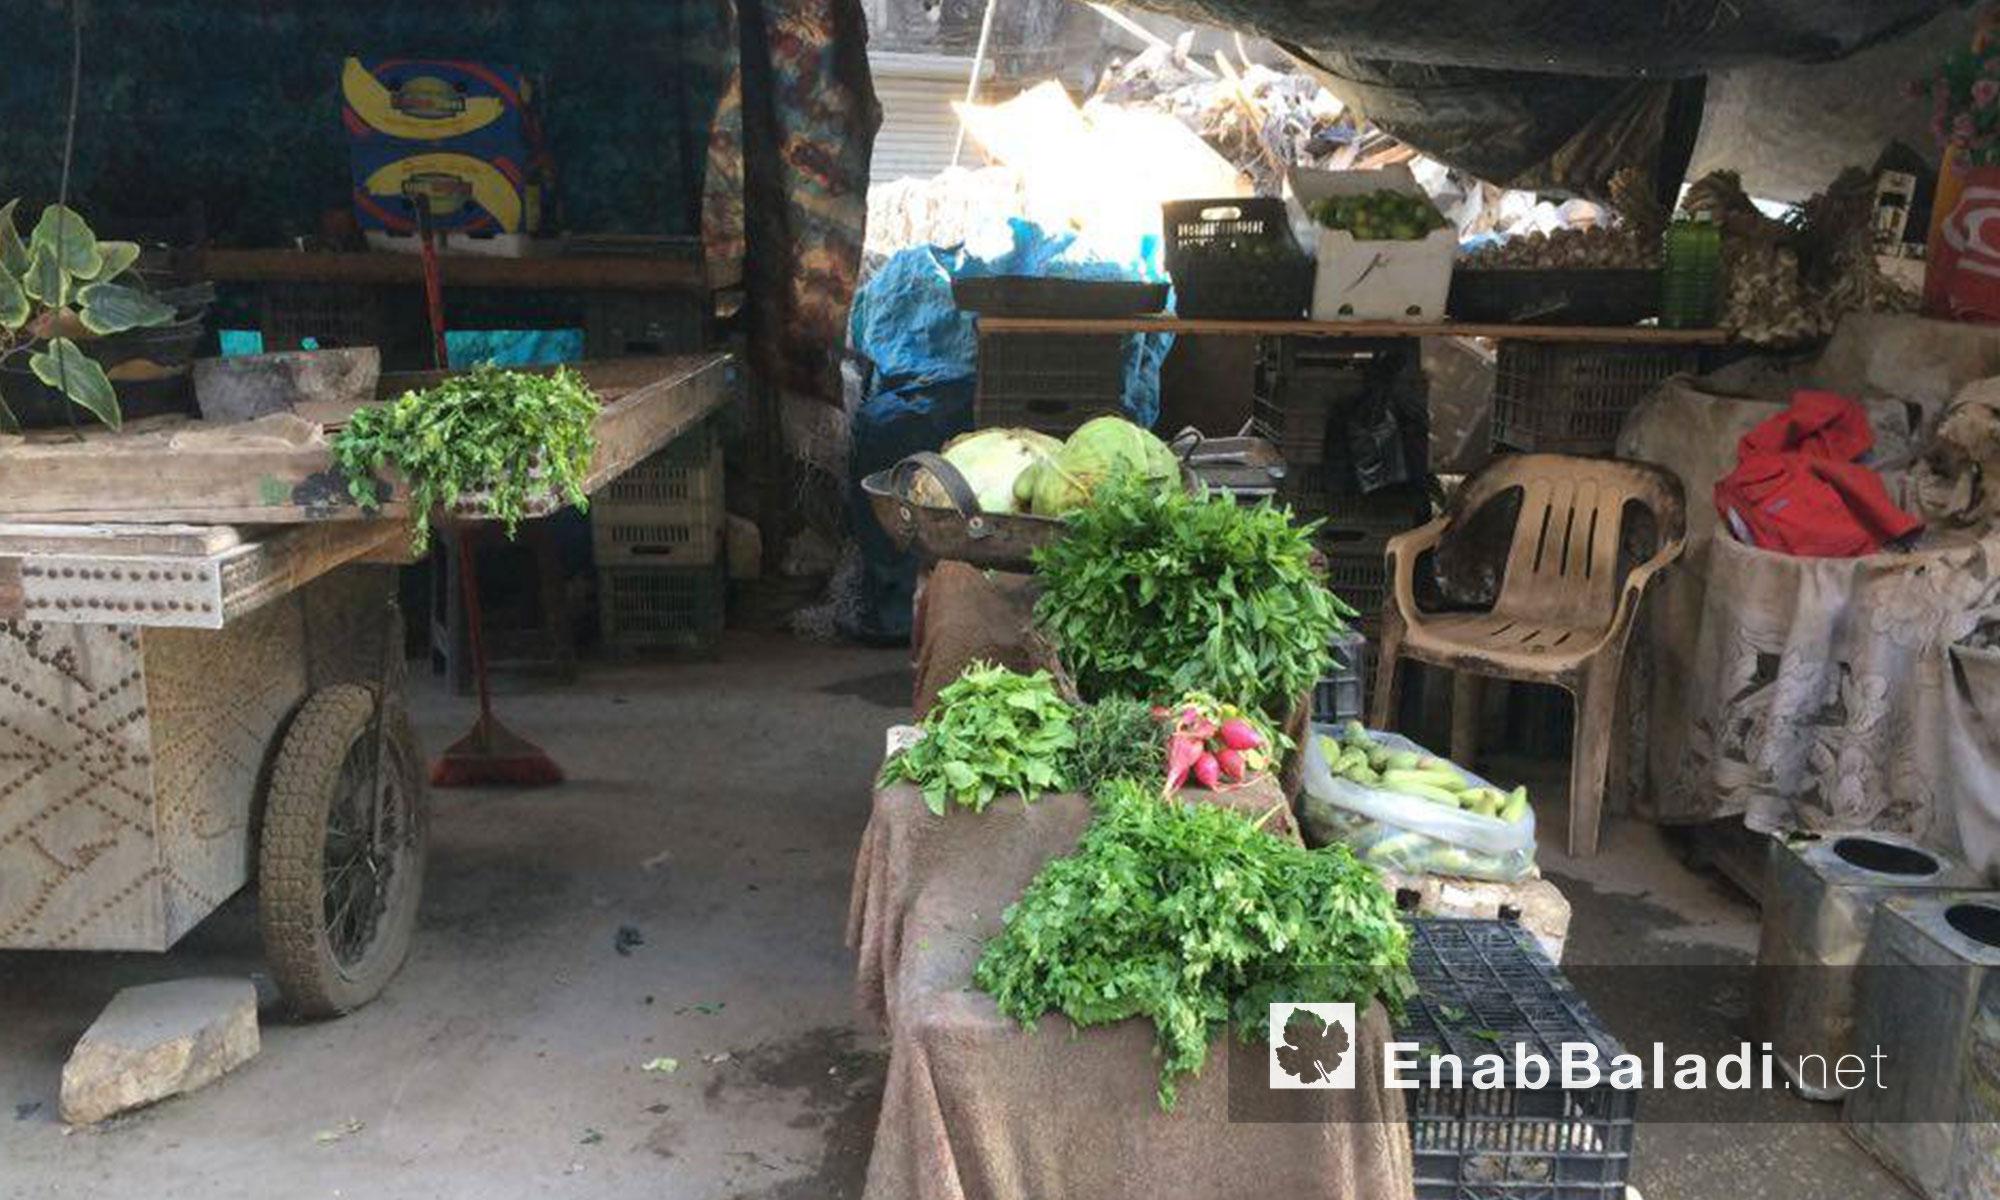 """ويعتبر طريق """"الكاستيلو"""" شريان حياة للأحياء الخاضعة للمعارضة في مدينة حلب"""